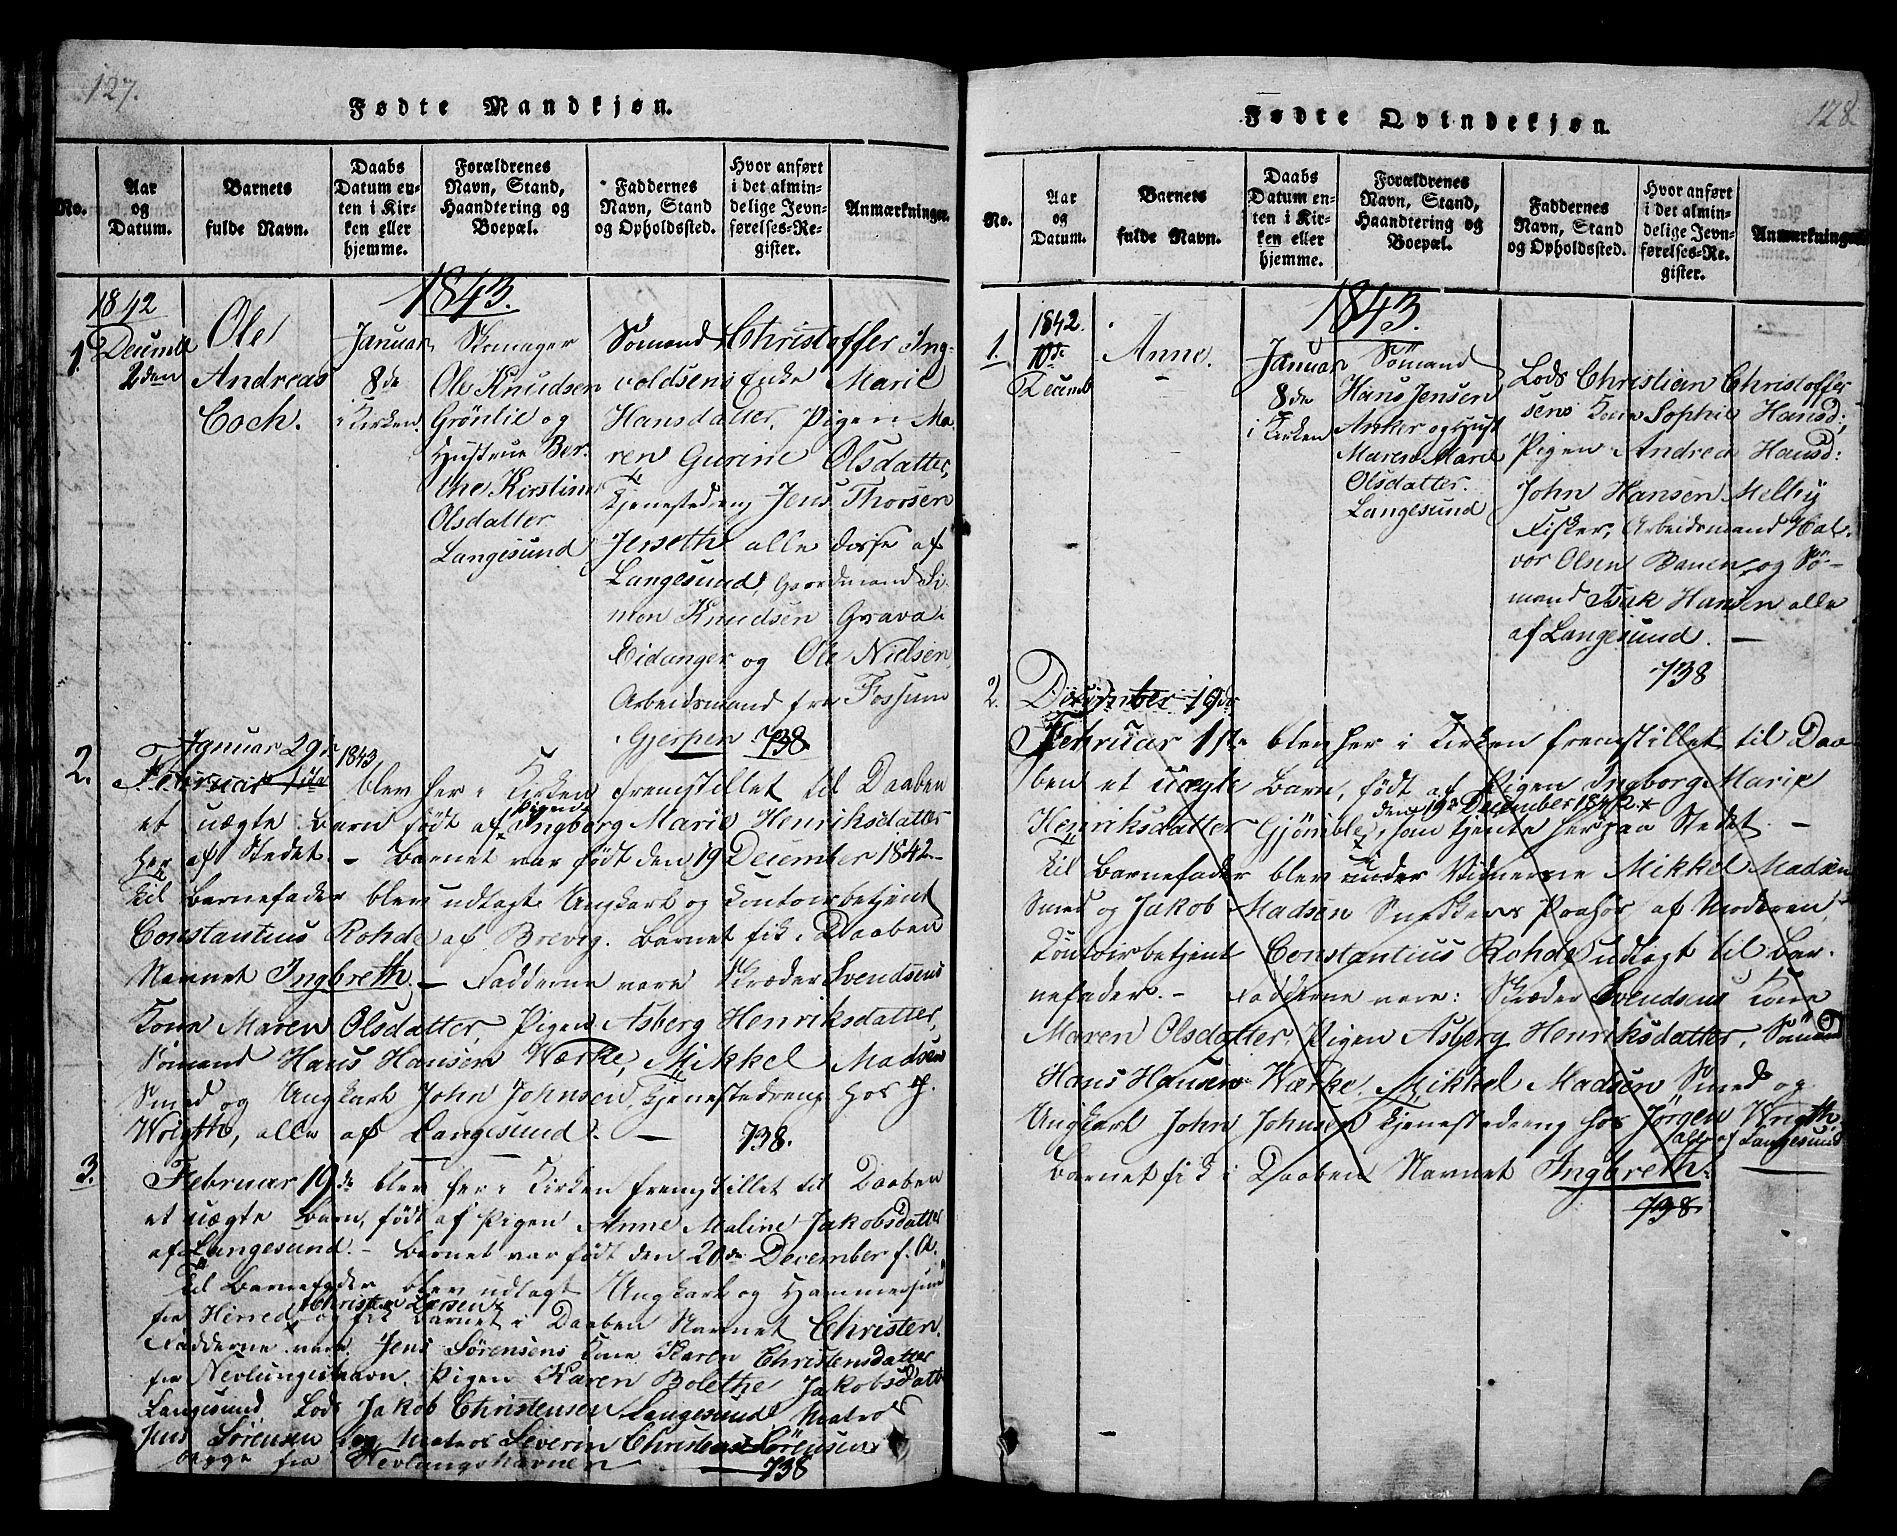 SAKO, Langesund kirkebøker, G/Ga/L0003: Klokkerbok nr. 3, 1815-1858, s. 127-128